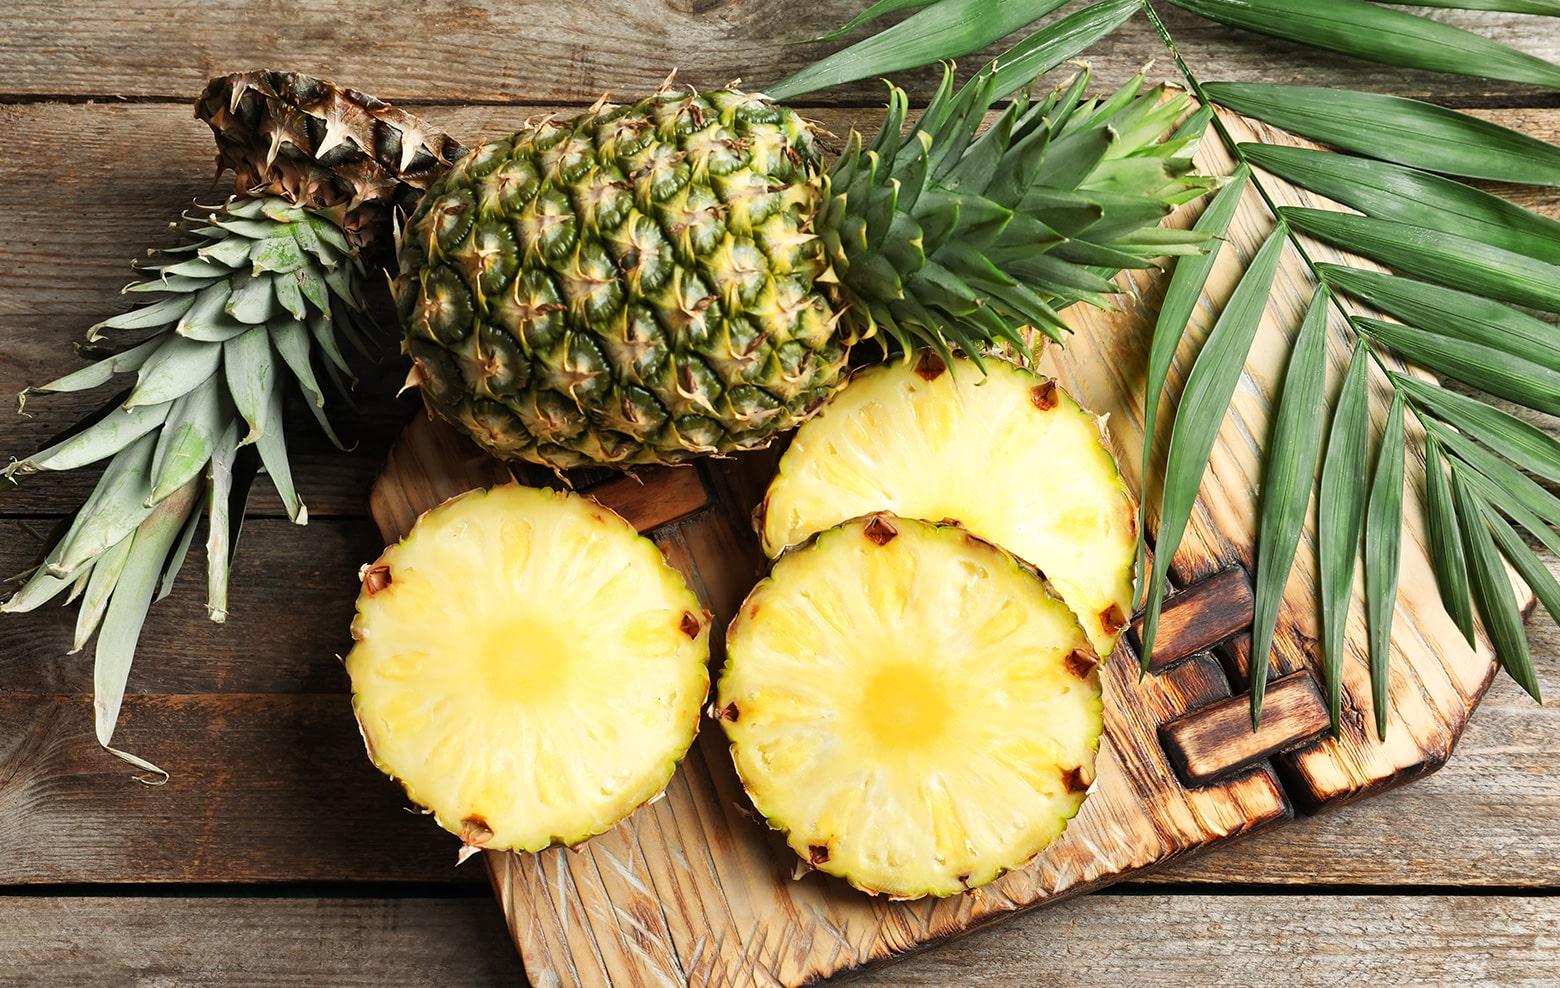 パイナップルのイメージ